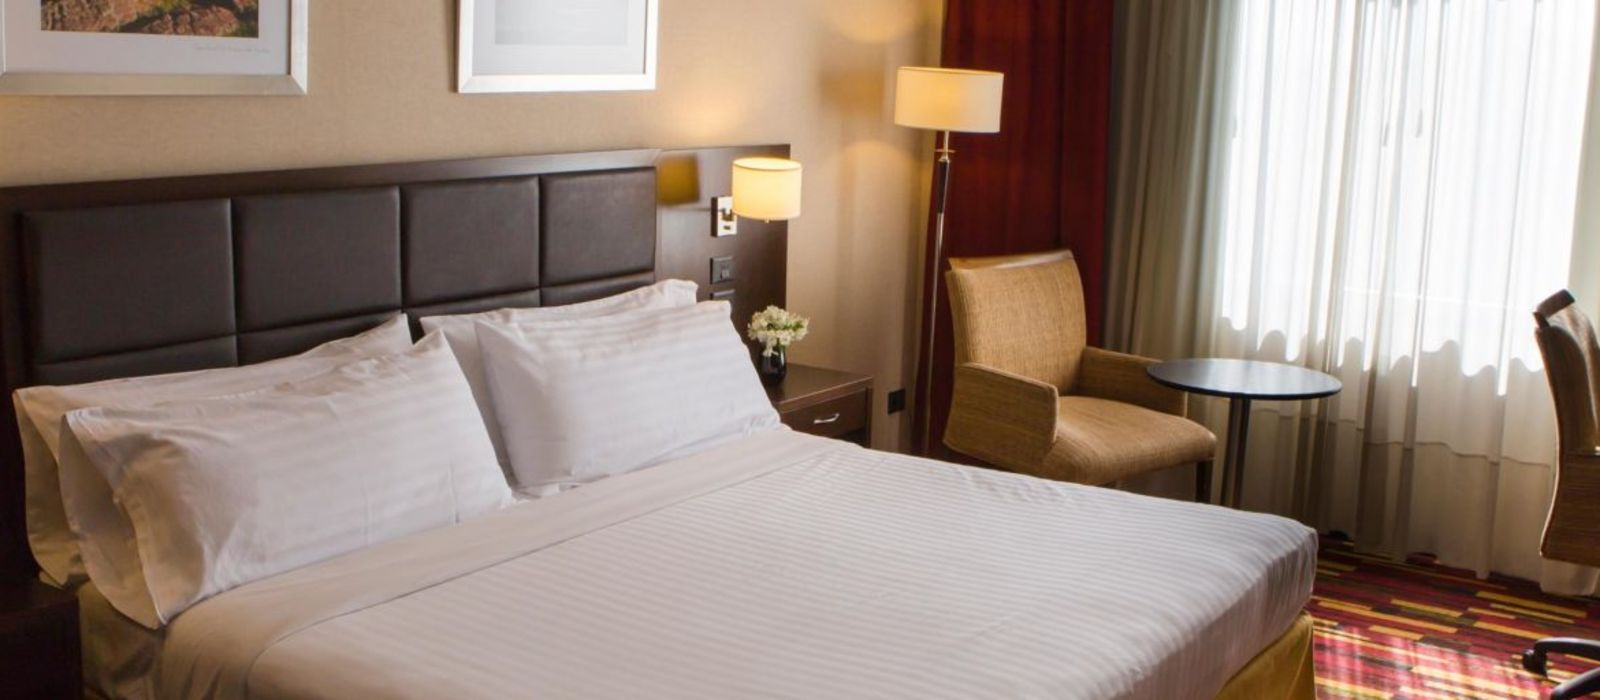 Hotel Holiday Inn Ezeiza Argentinien